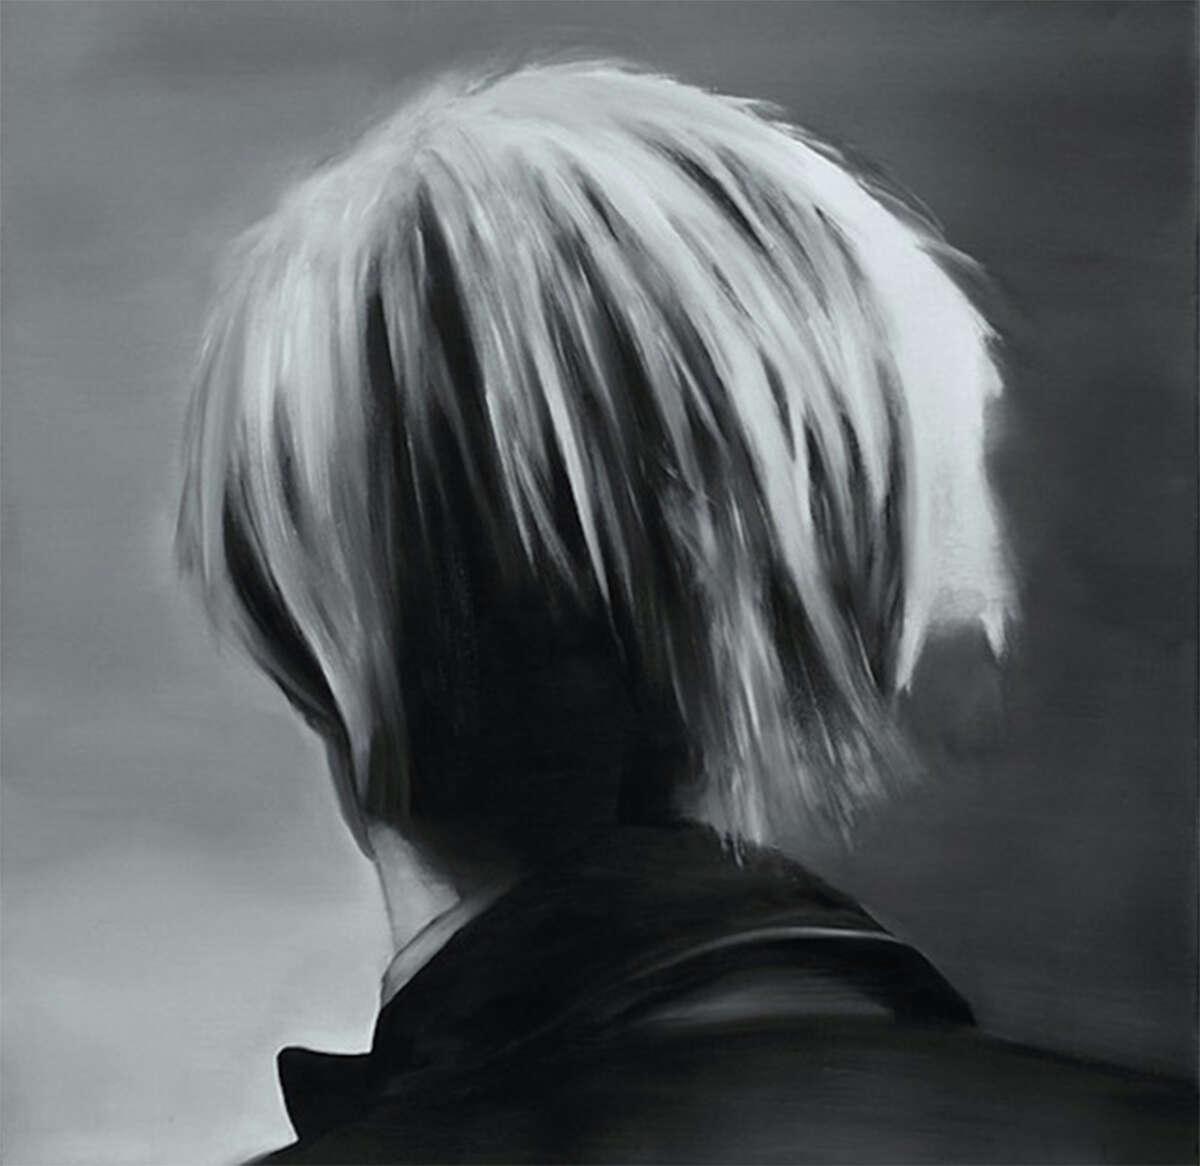 Travis K. Schwab's oil painting